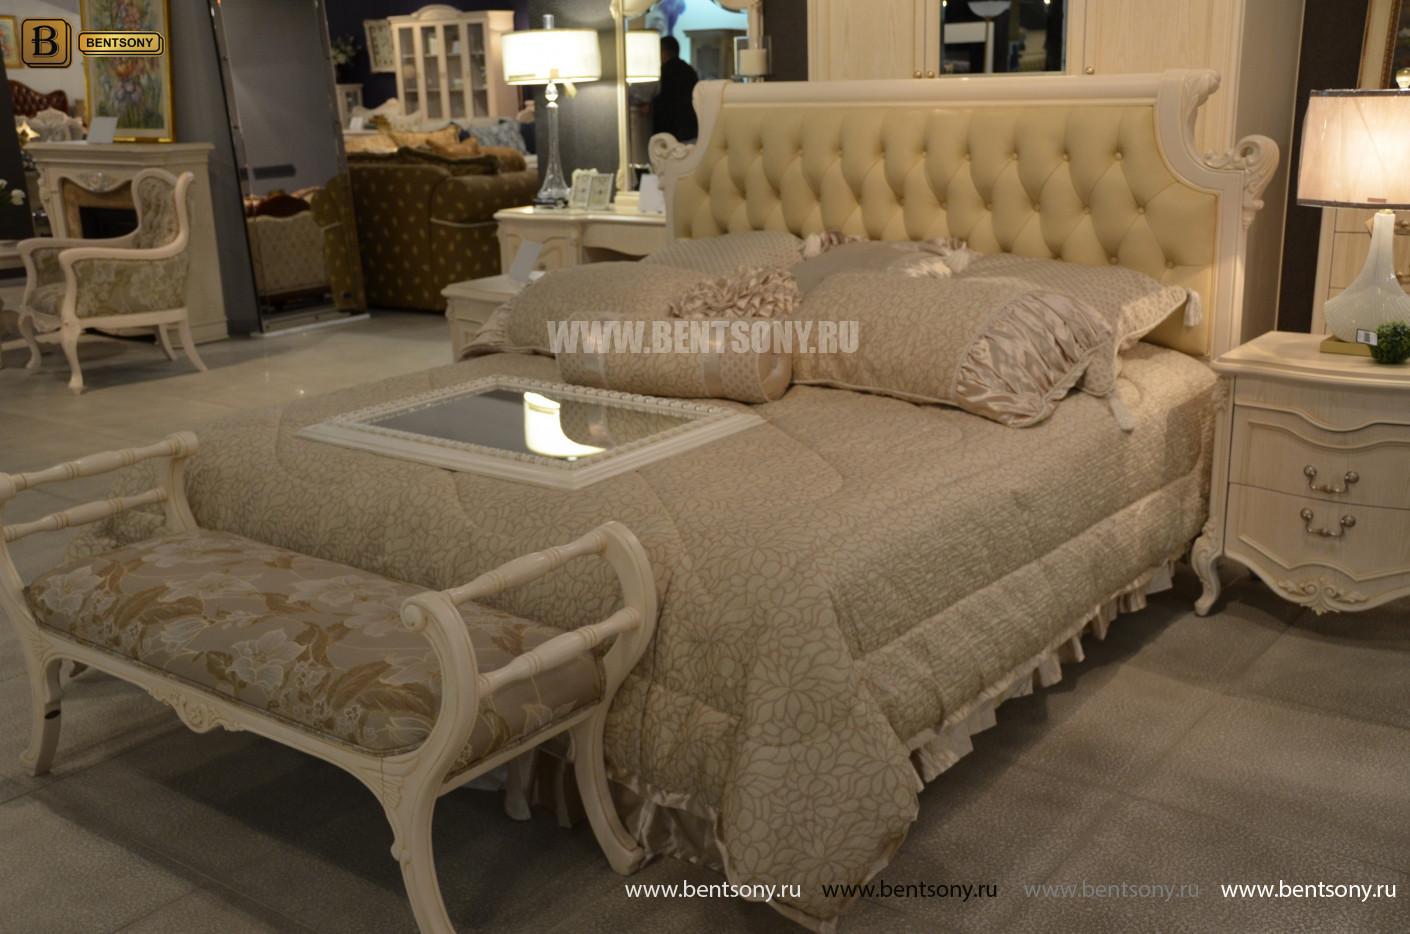 Кровать Флетчер-W D (Классика, Ткань) для квартиры